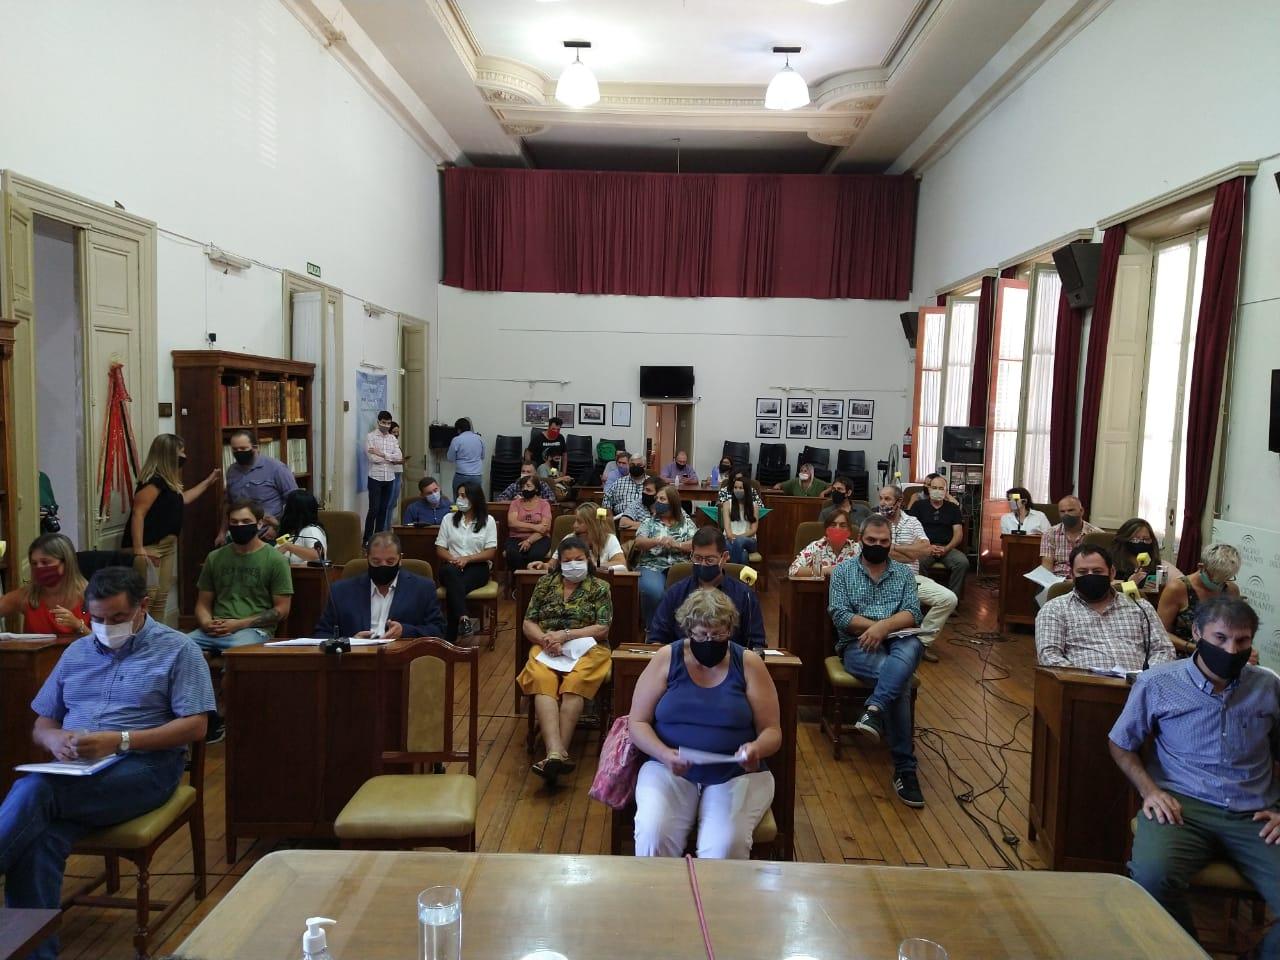 Concejo: Mayores Contribuyentes y Sesión extraordinaria